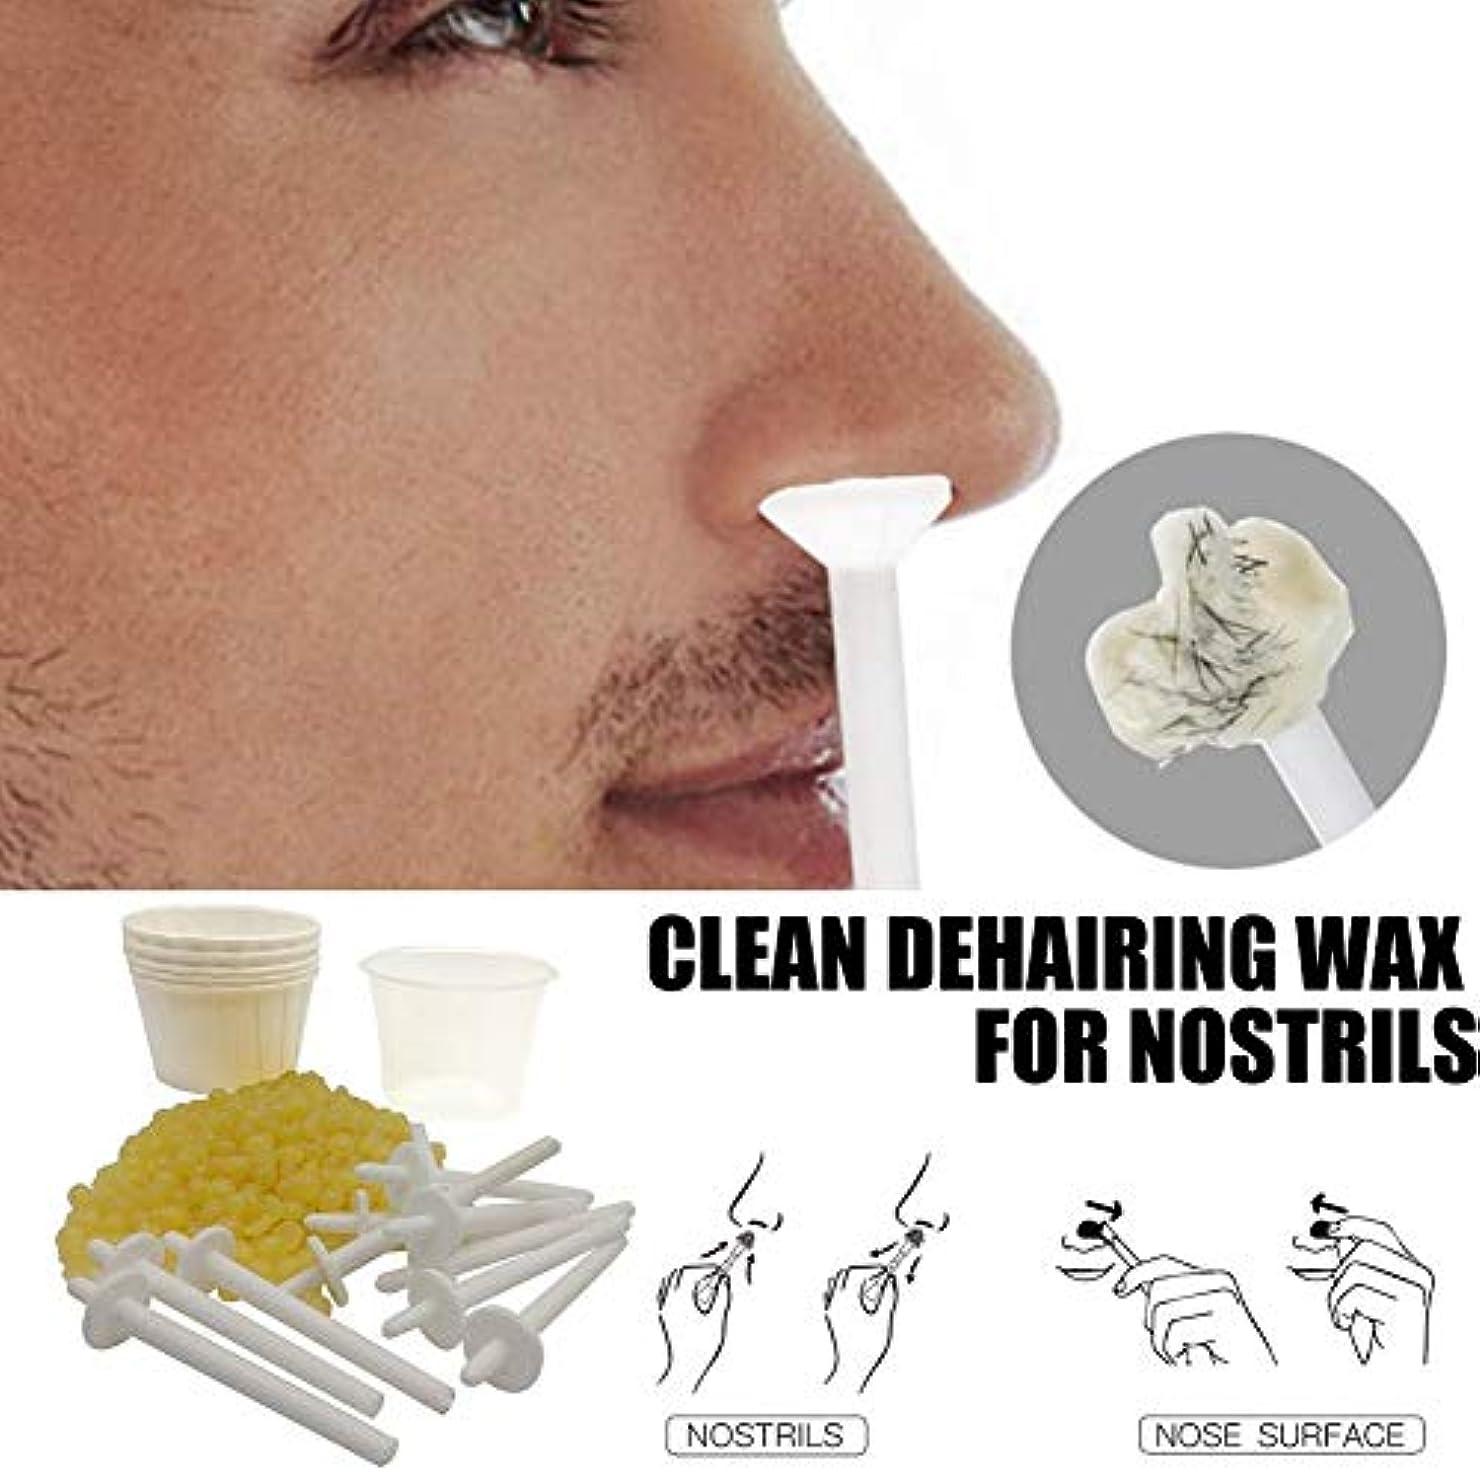 再生可能者動力学SILUN 鼻毛除去ワックスキット 鼻毛除去化粧道具 ノーズワックスポッド ポータブル道具 迅速かつ無痛 (50グラム/ 10回使用回数)